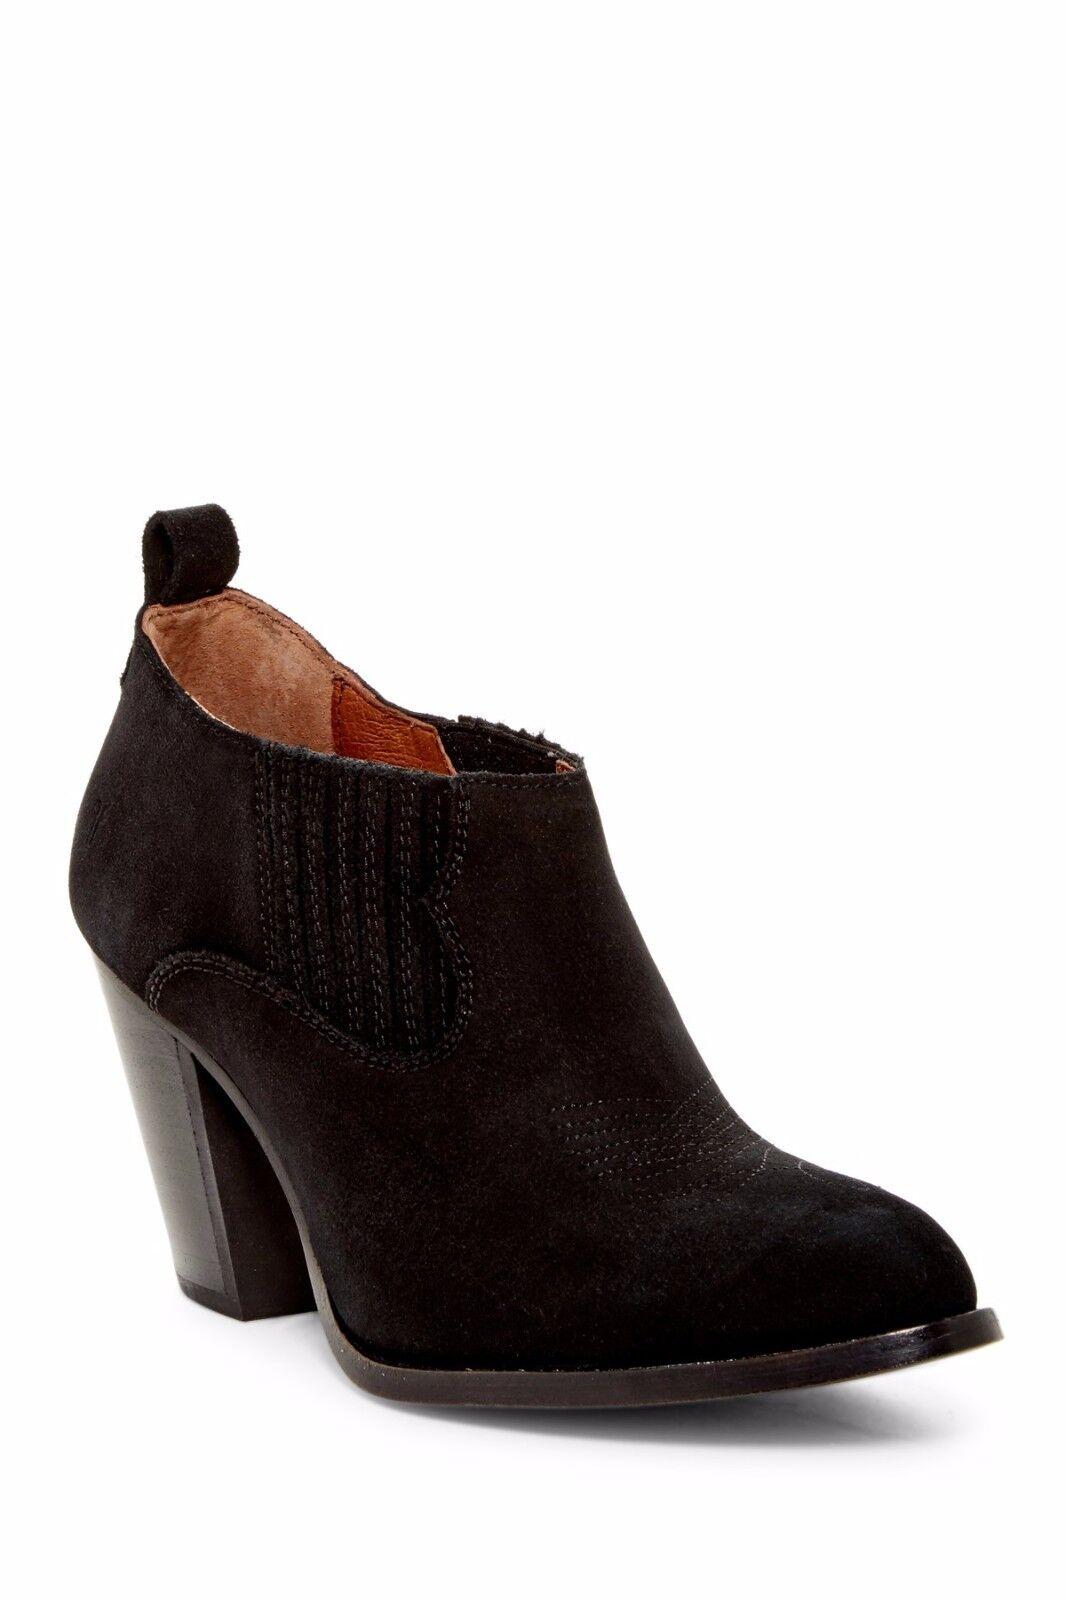 Nuevo En Caja Frye Ilana Shootie en Negro de de de cuero de gamuza Sin Cordones botas Botín 7.5  278  punto de venta de la marca